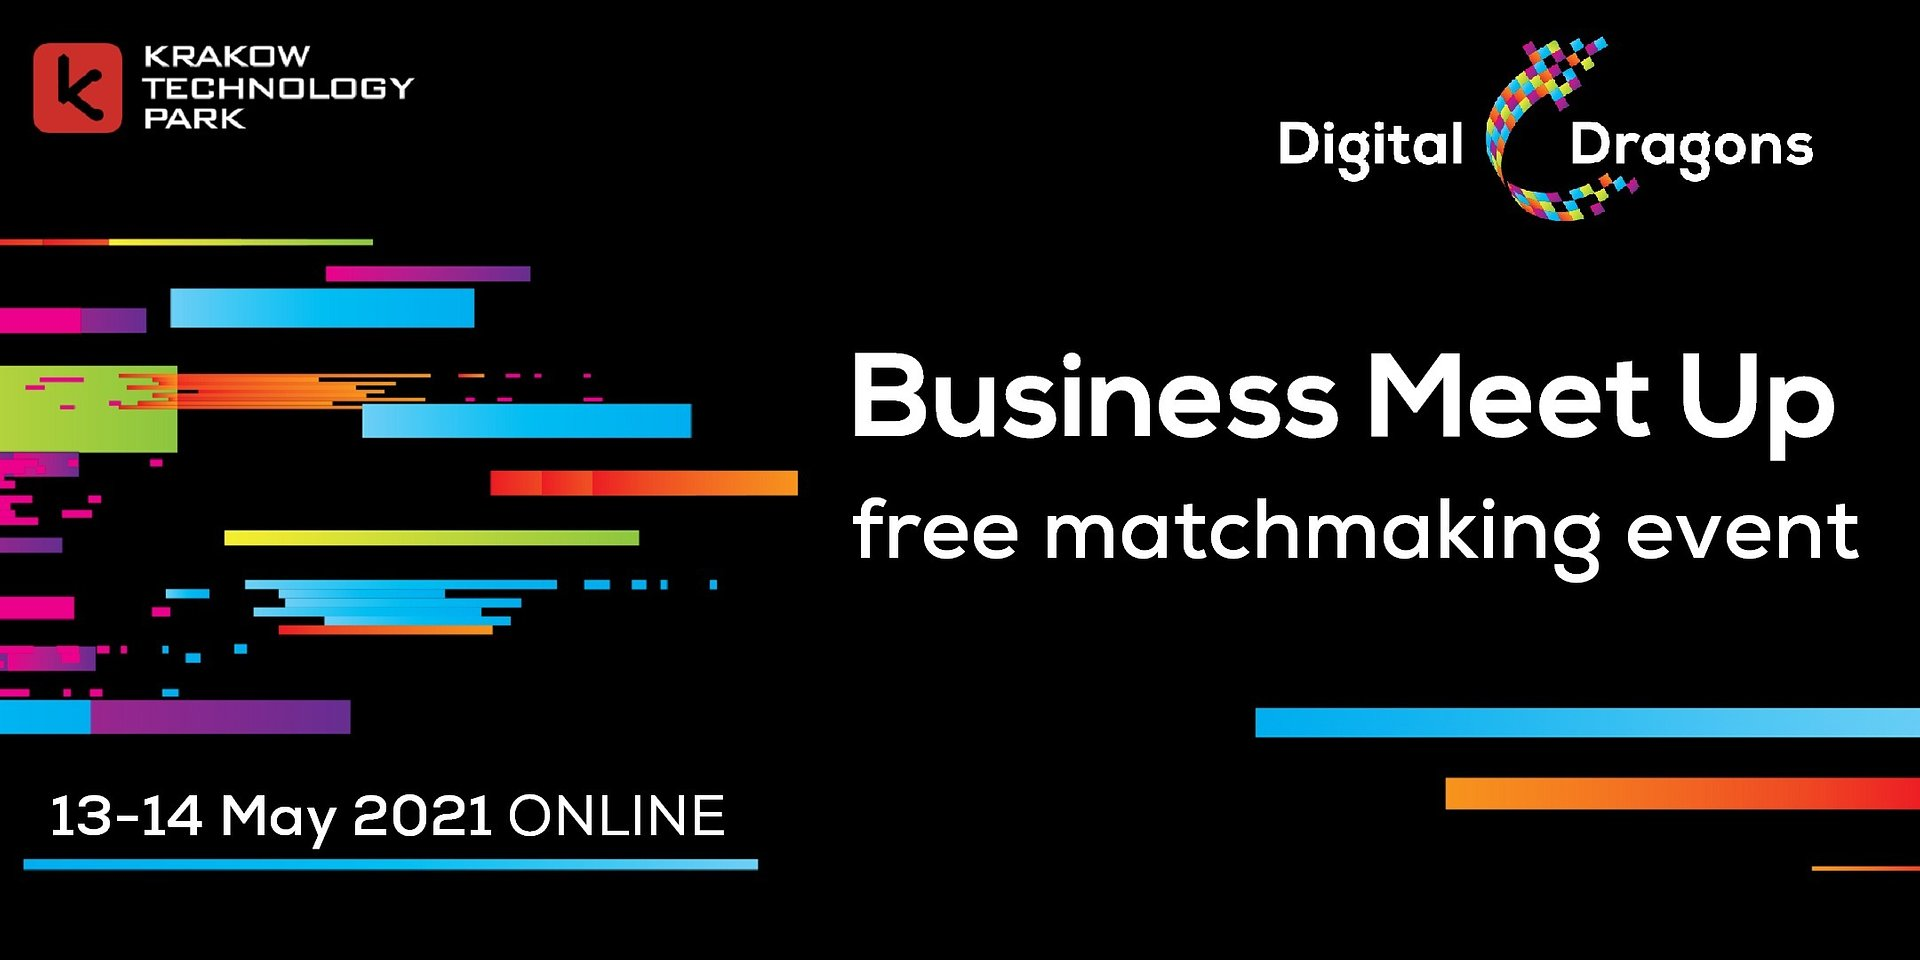 Udalosť Digital Dragons Business Meet up prichádza v máji. Registrácia je spustená!